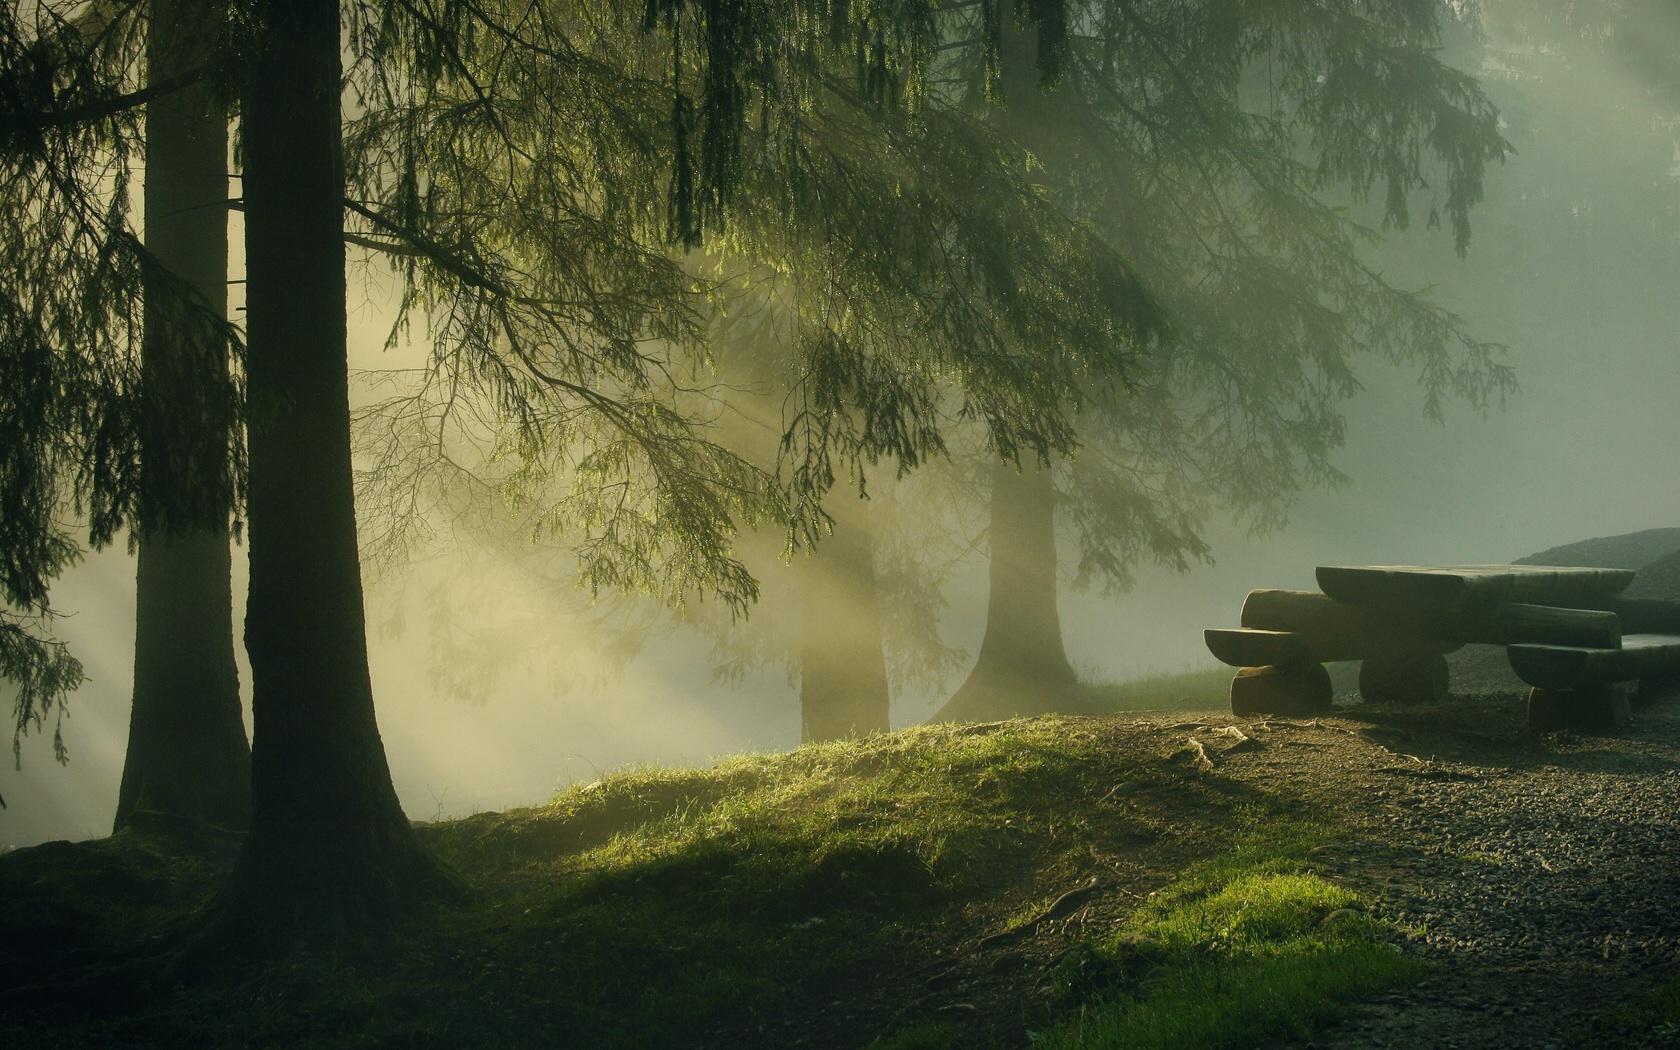 Купить постер таинственный лес большого формата, фотообои,